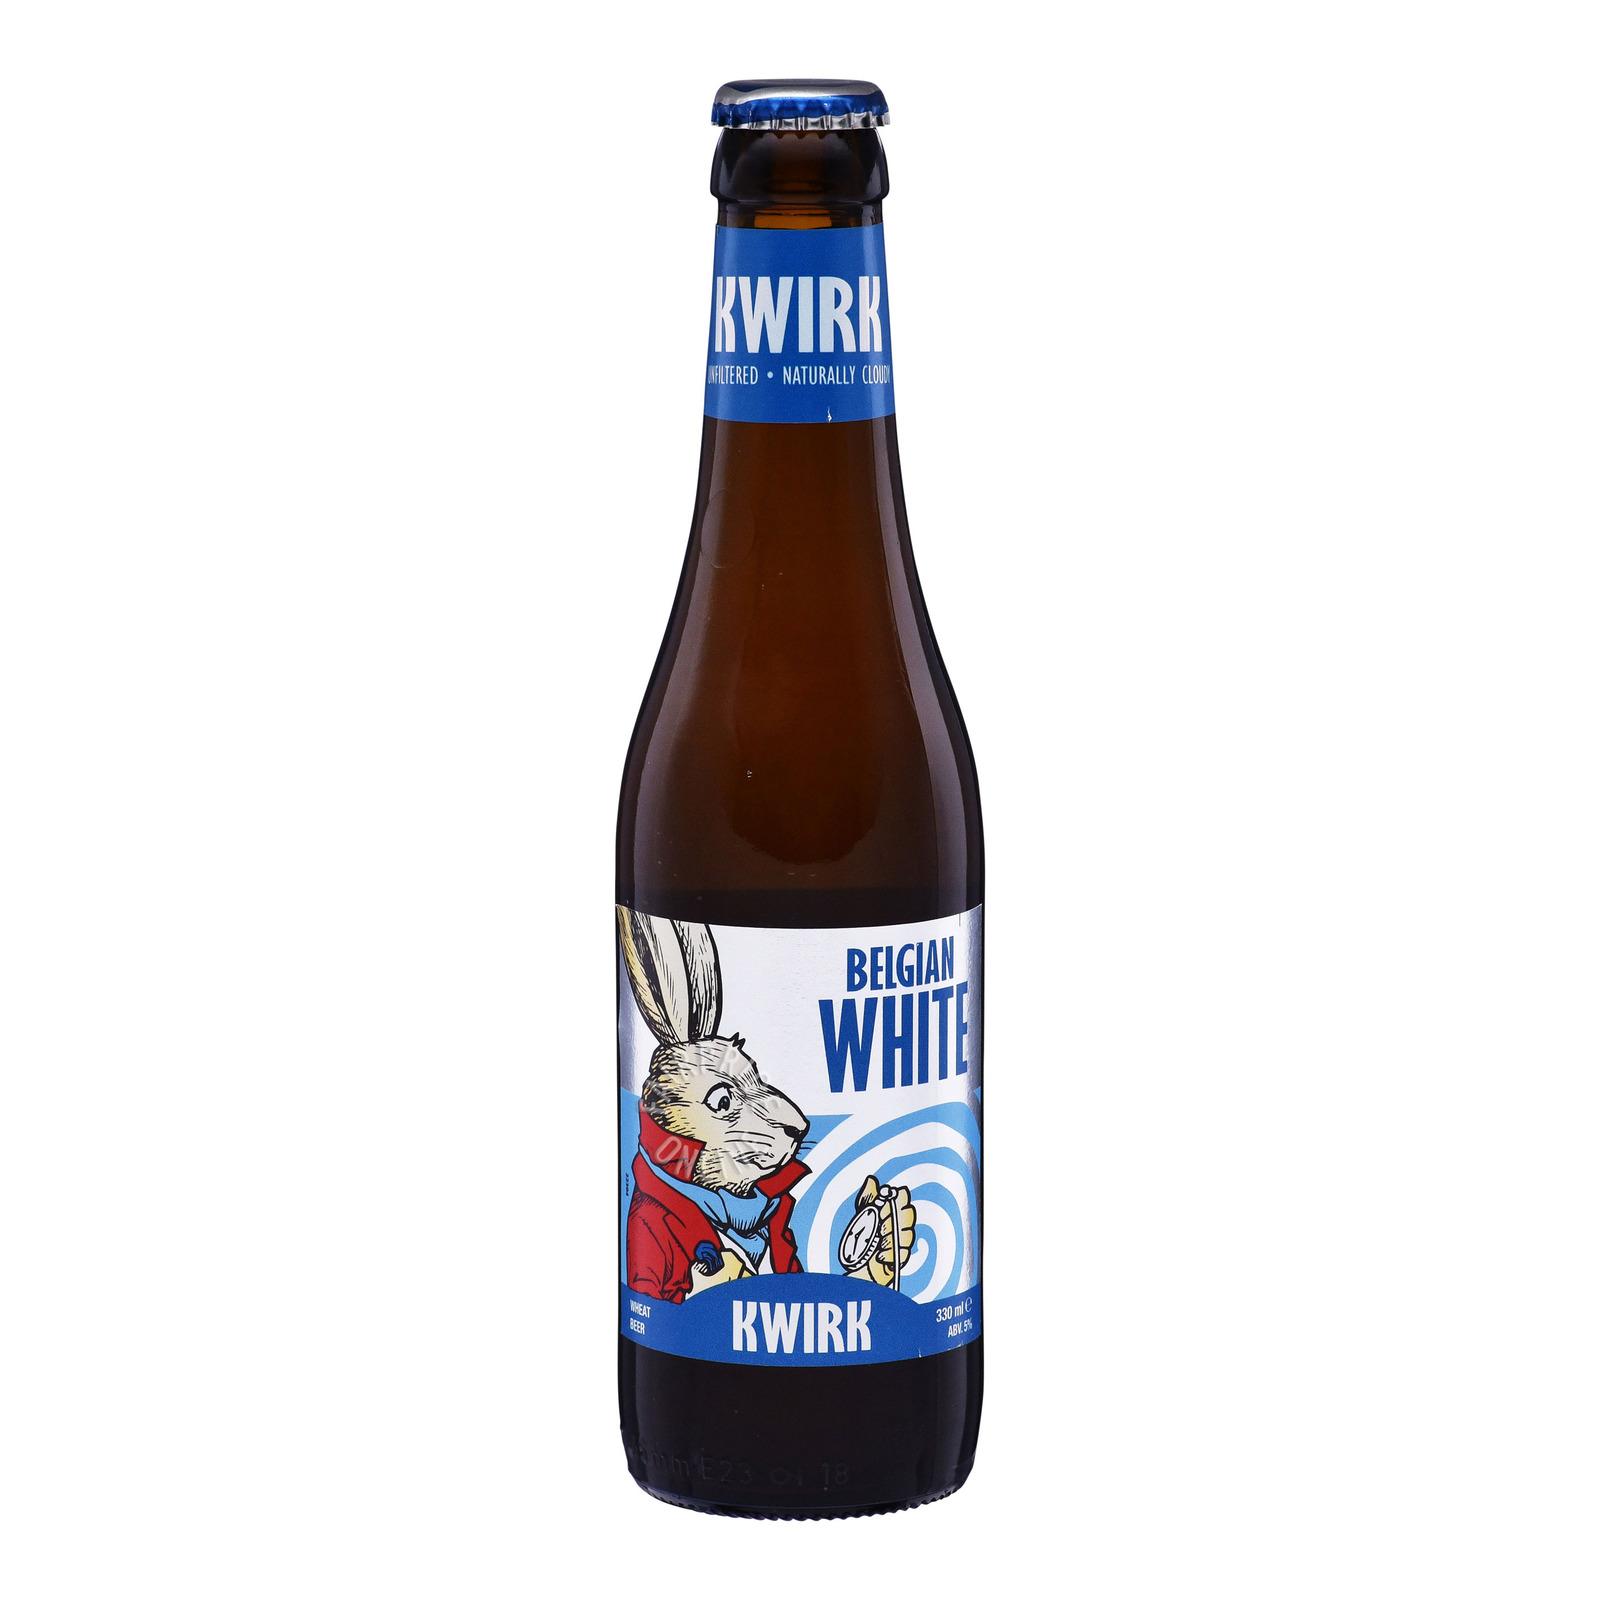 Dester Kwirk Bottle Beer